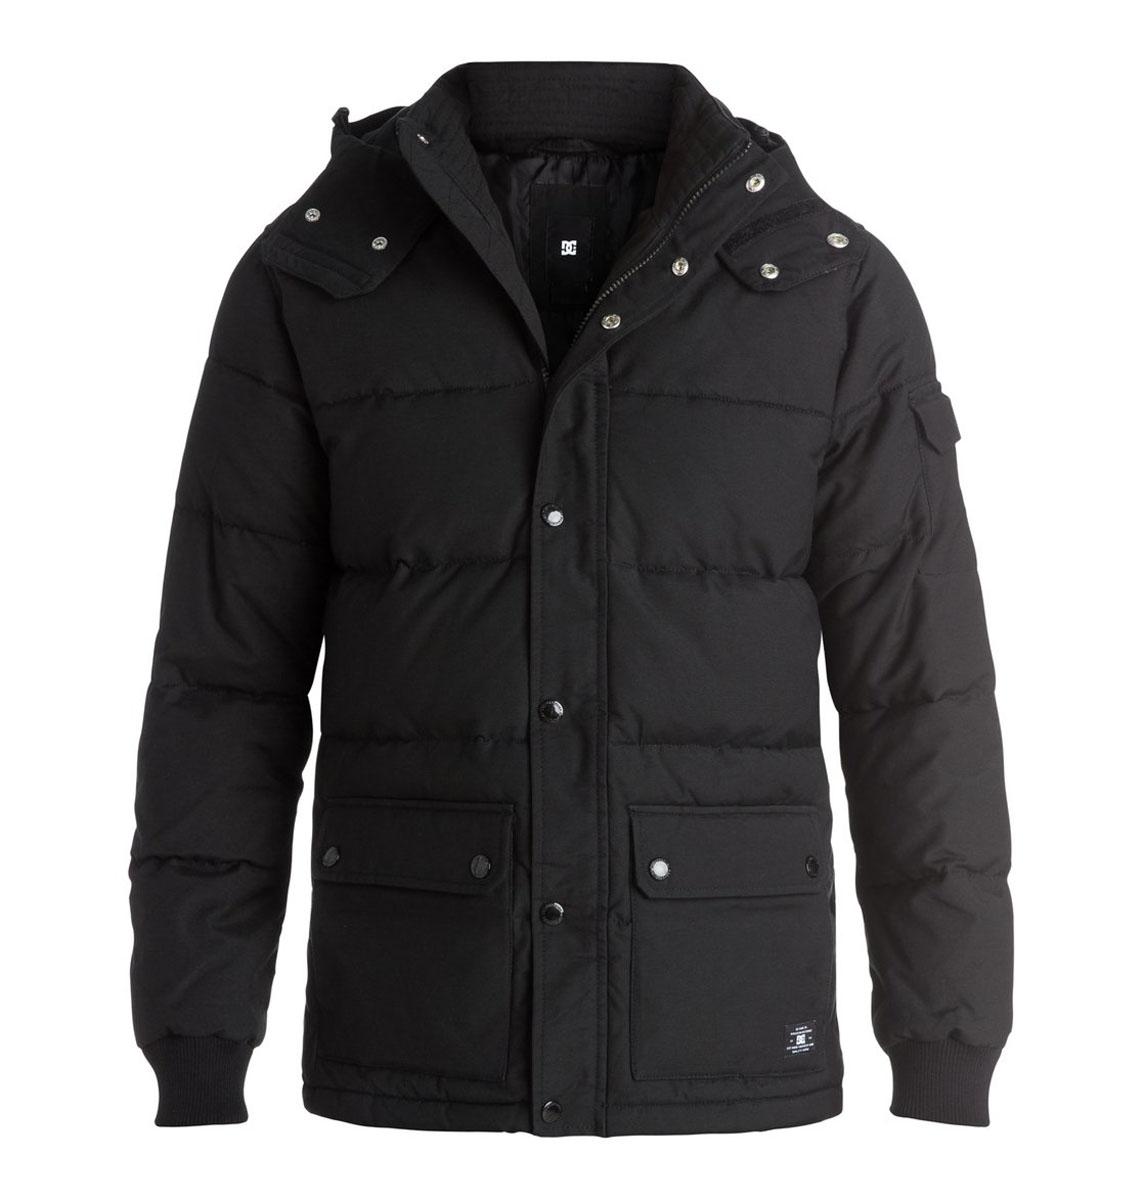 Куртка мужская DC Shoes, цвет: черный. EDYJK03072. Размер L (54)EDYJK03072-KVJ0Мужская куртка DC Shoes с длинными рукавами и съемным капюшоном на кнопках выполнена из хлопка с добавлением нейлона. Наполнитель - синтепон. . Куртка застегивается на застежку-молнию спереди и имеет ветрозащитный клапан на кнопках. Изделие оснащено двумя накладными карманами с клапанами на кнопках спереди и внутренним накладным карманом на липучке. Рукава дополнены трикотажными манжетами. Объем капюшона регулируется при помощи шнурка-кулиски. Низ изделия также оснащен шнурком-кулиской.